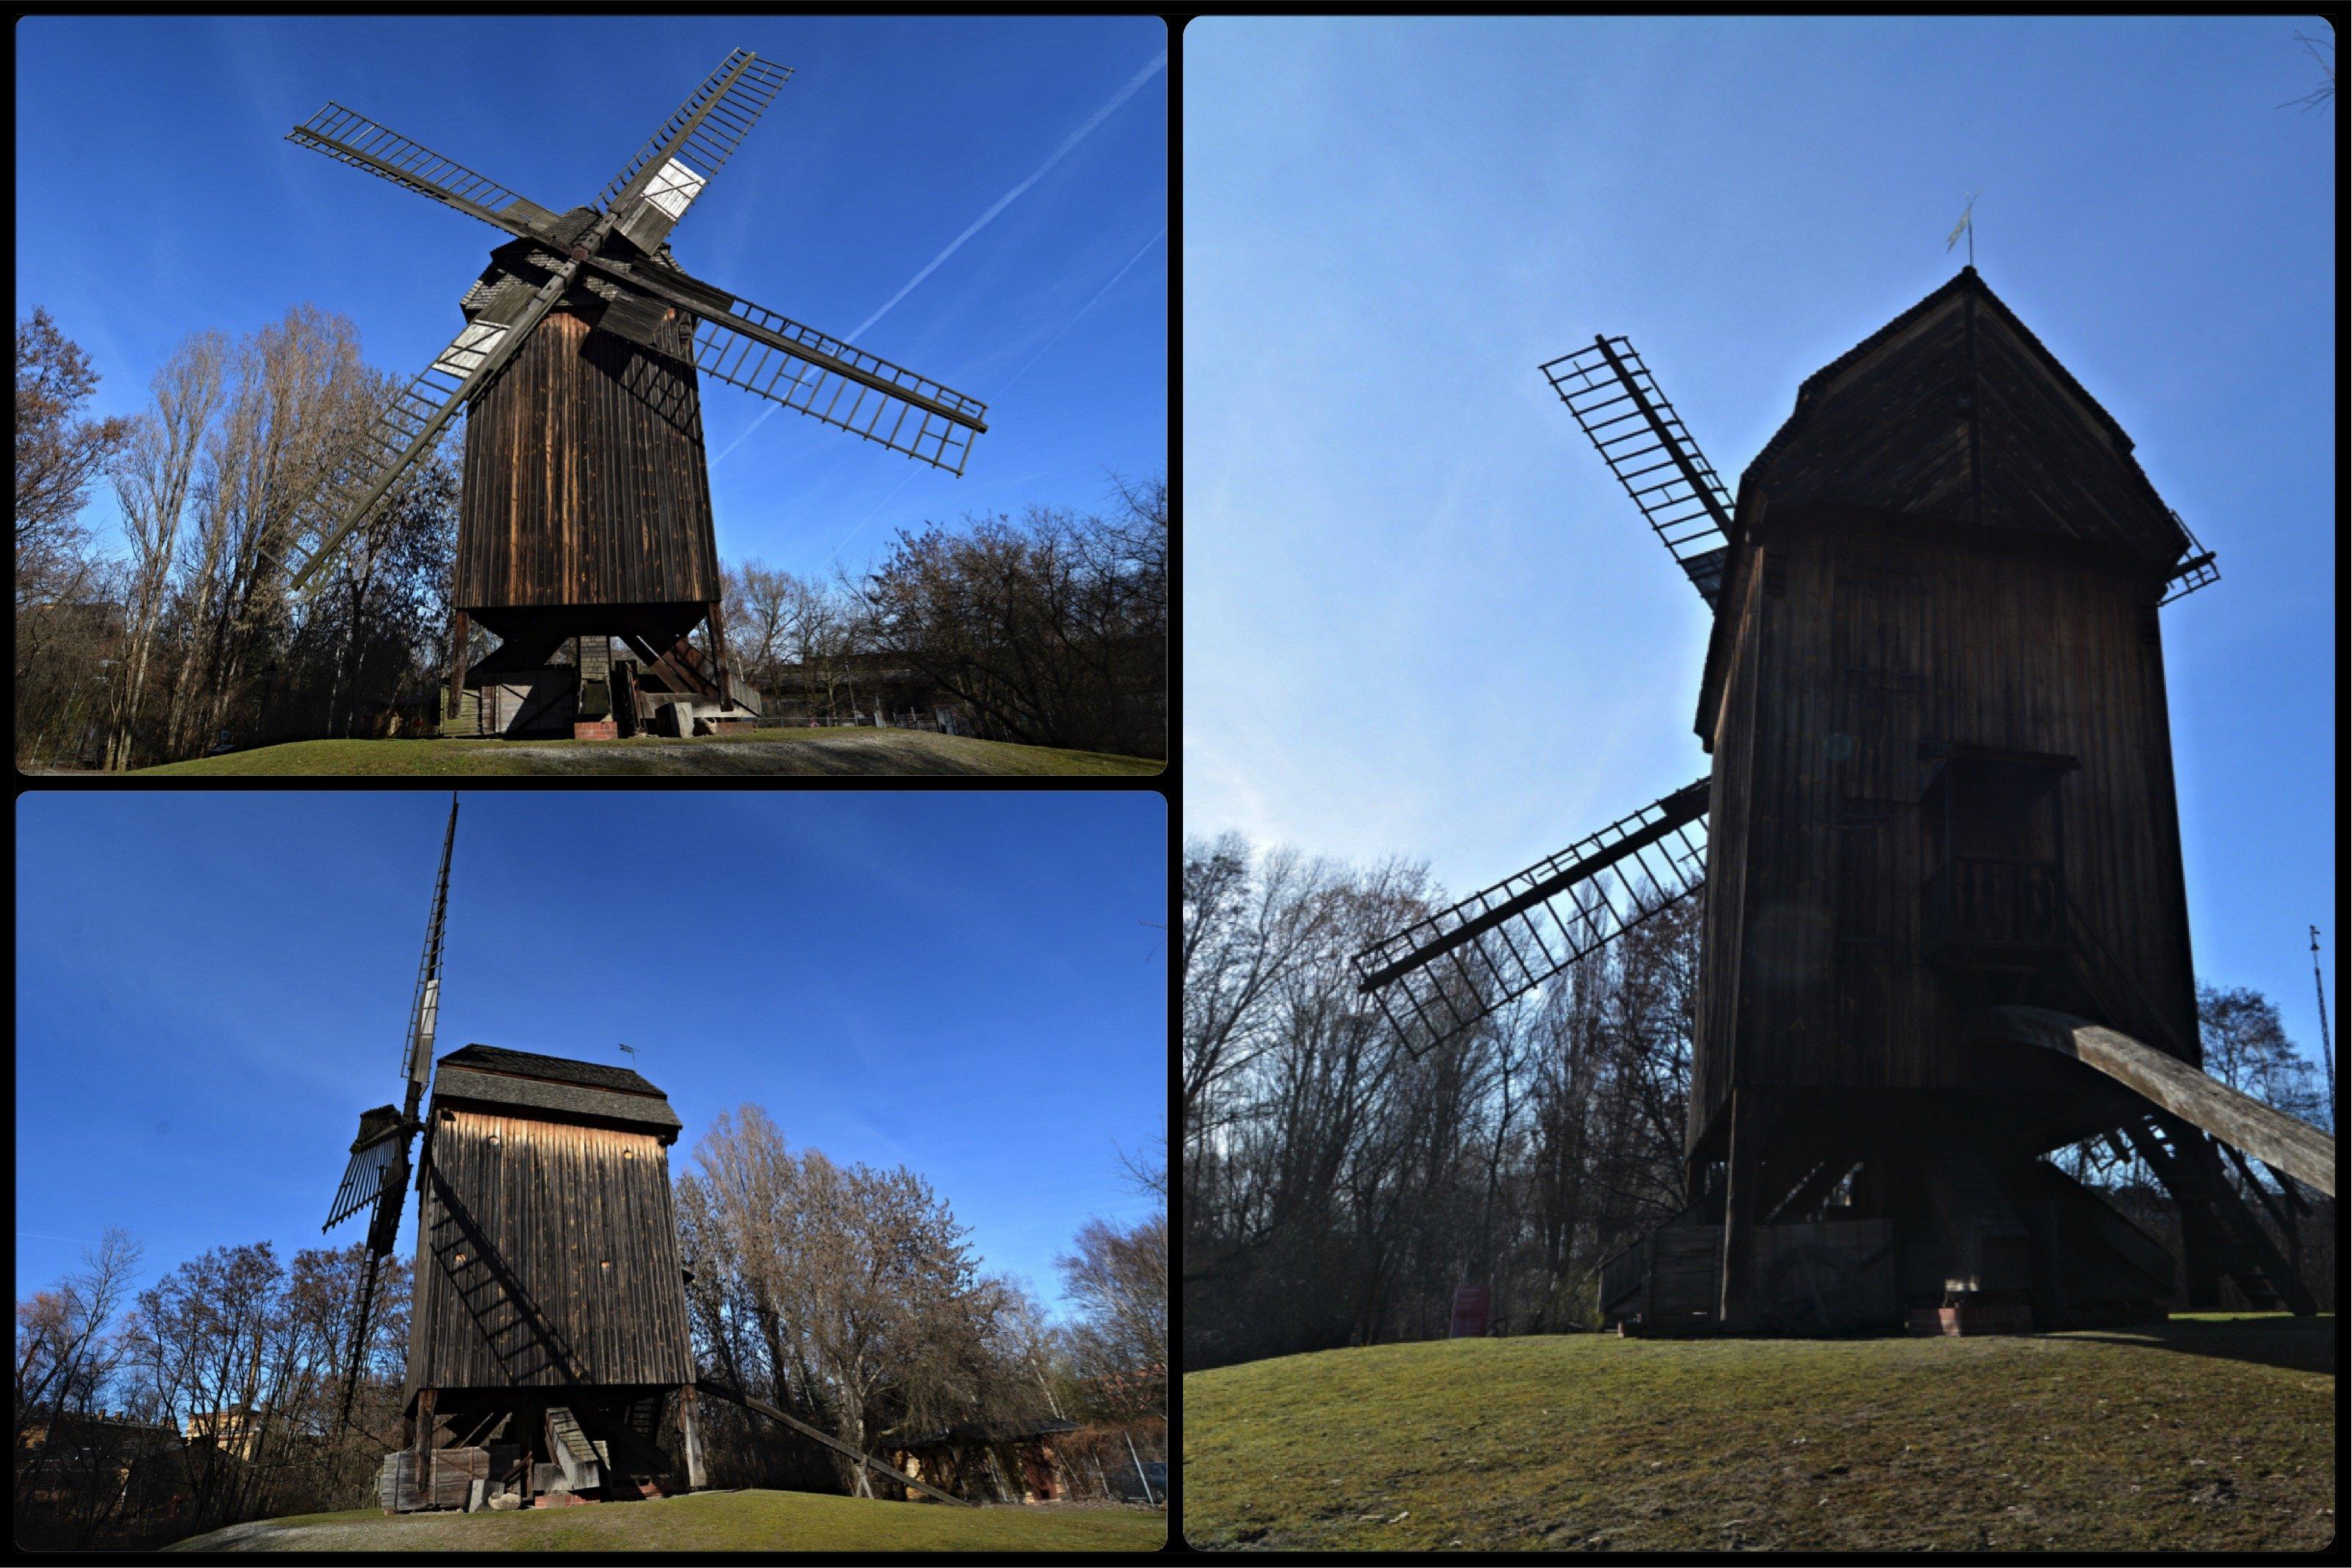 Bohnsdorfer Bockwindmühle